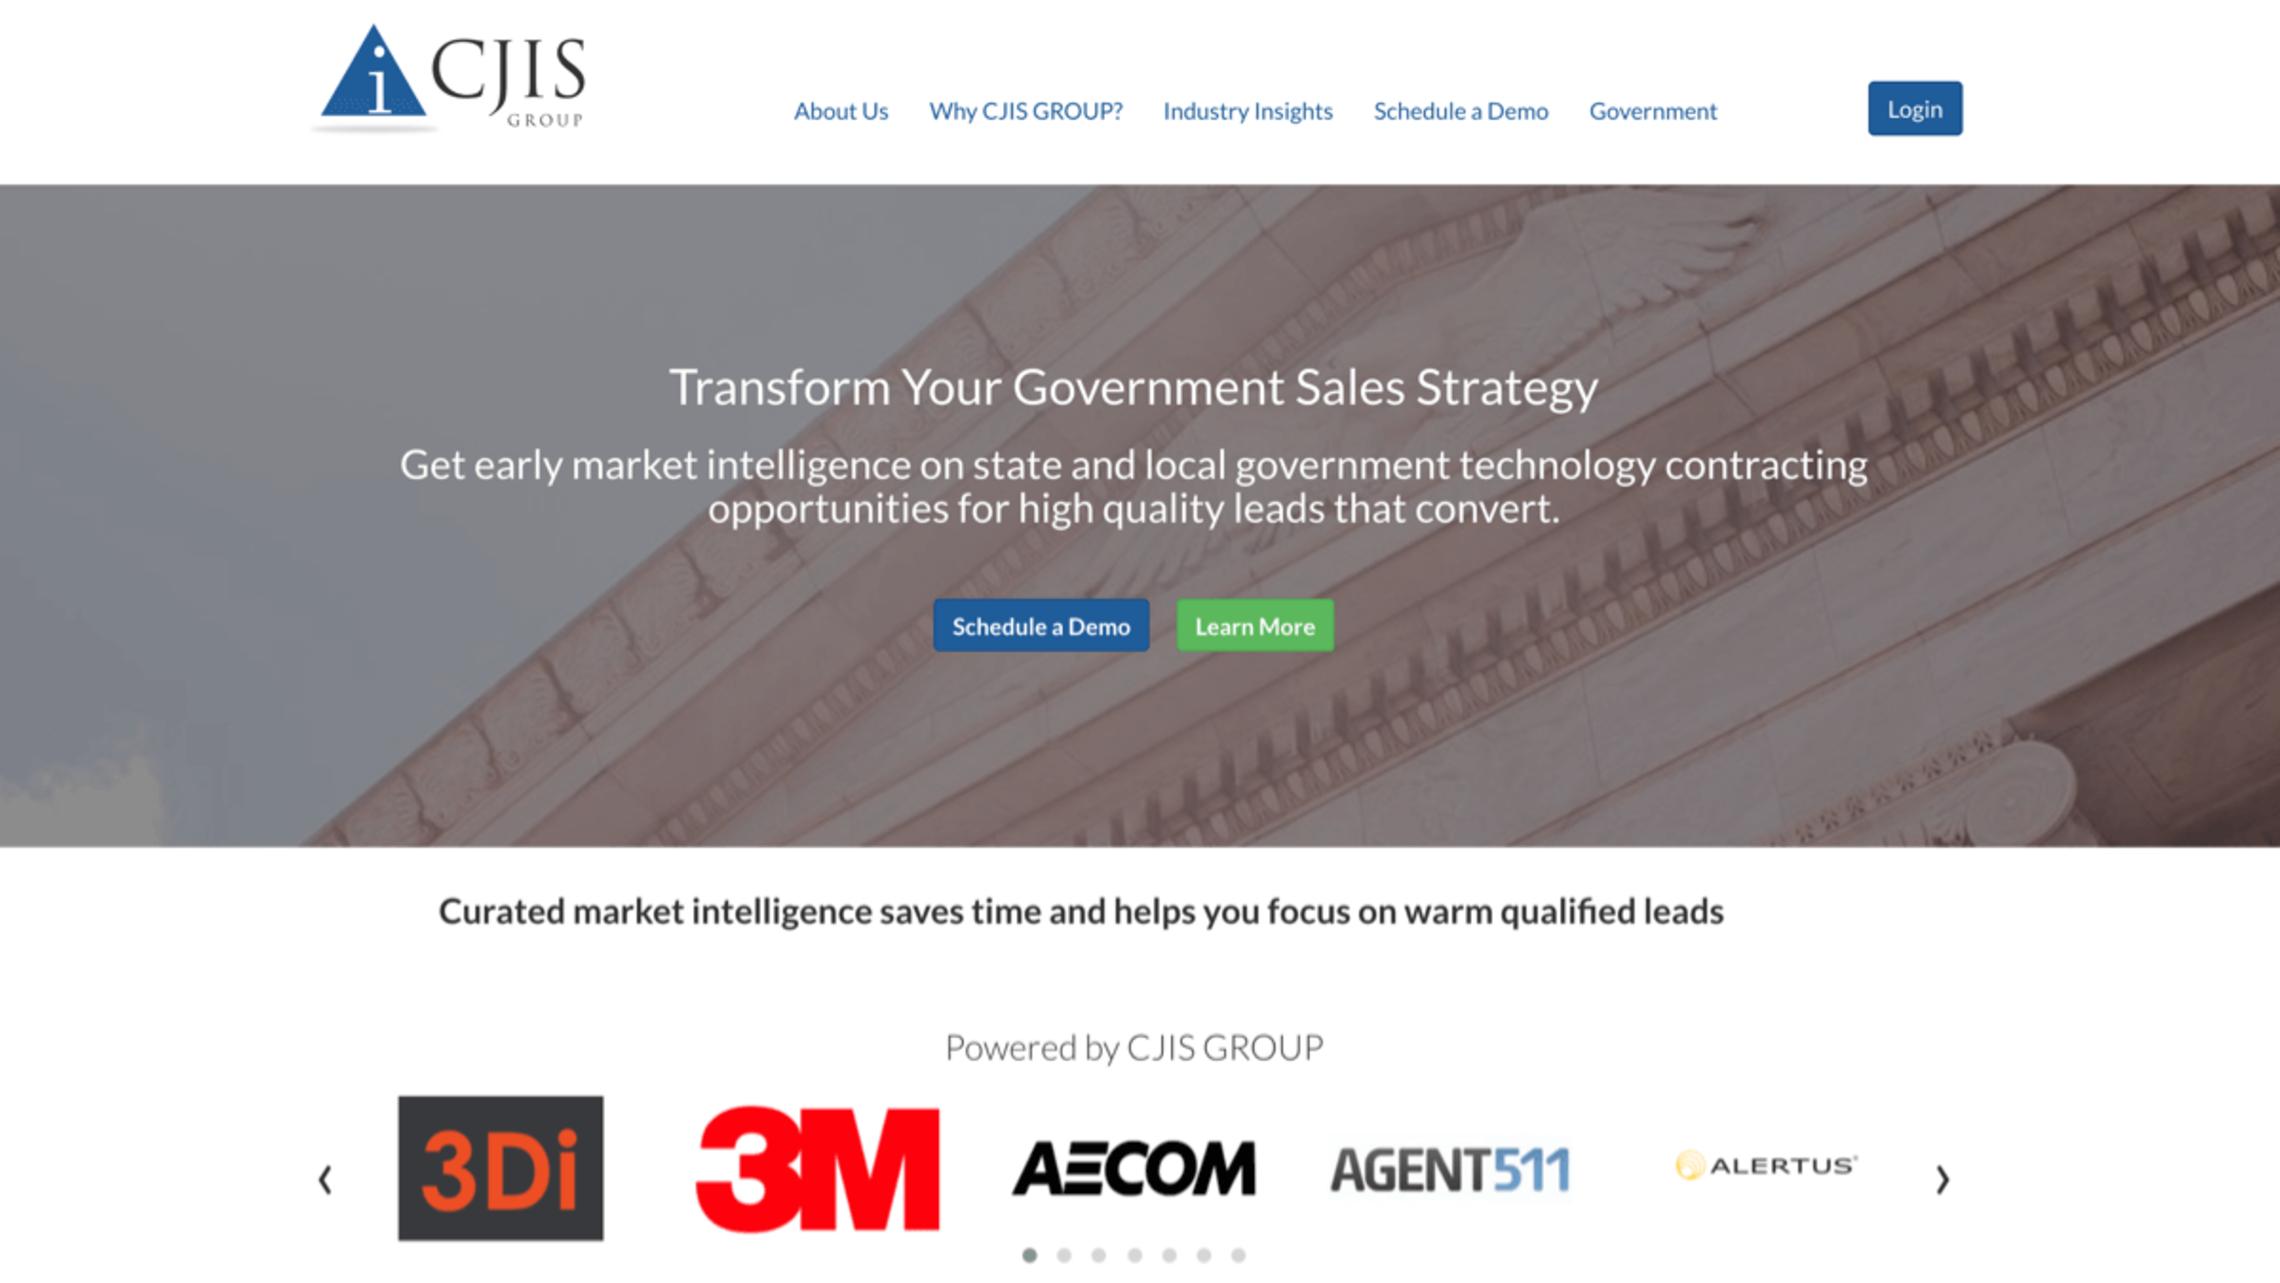 The CJIS Group